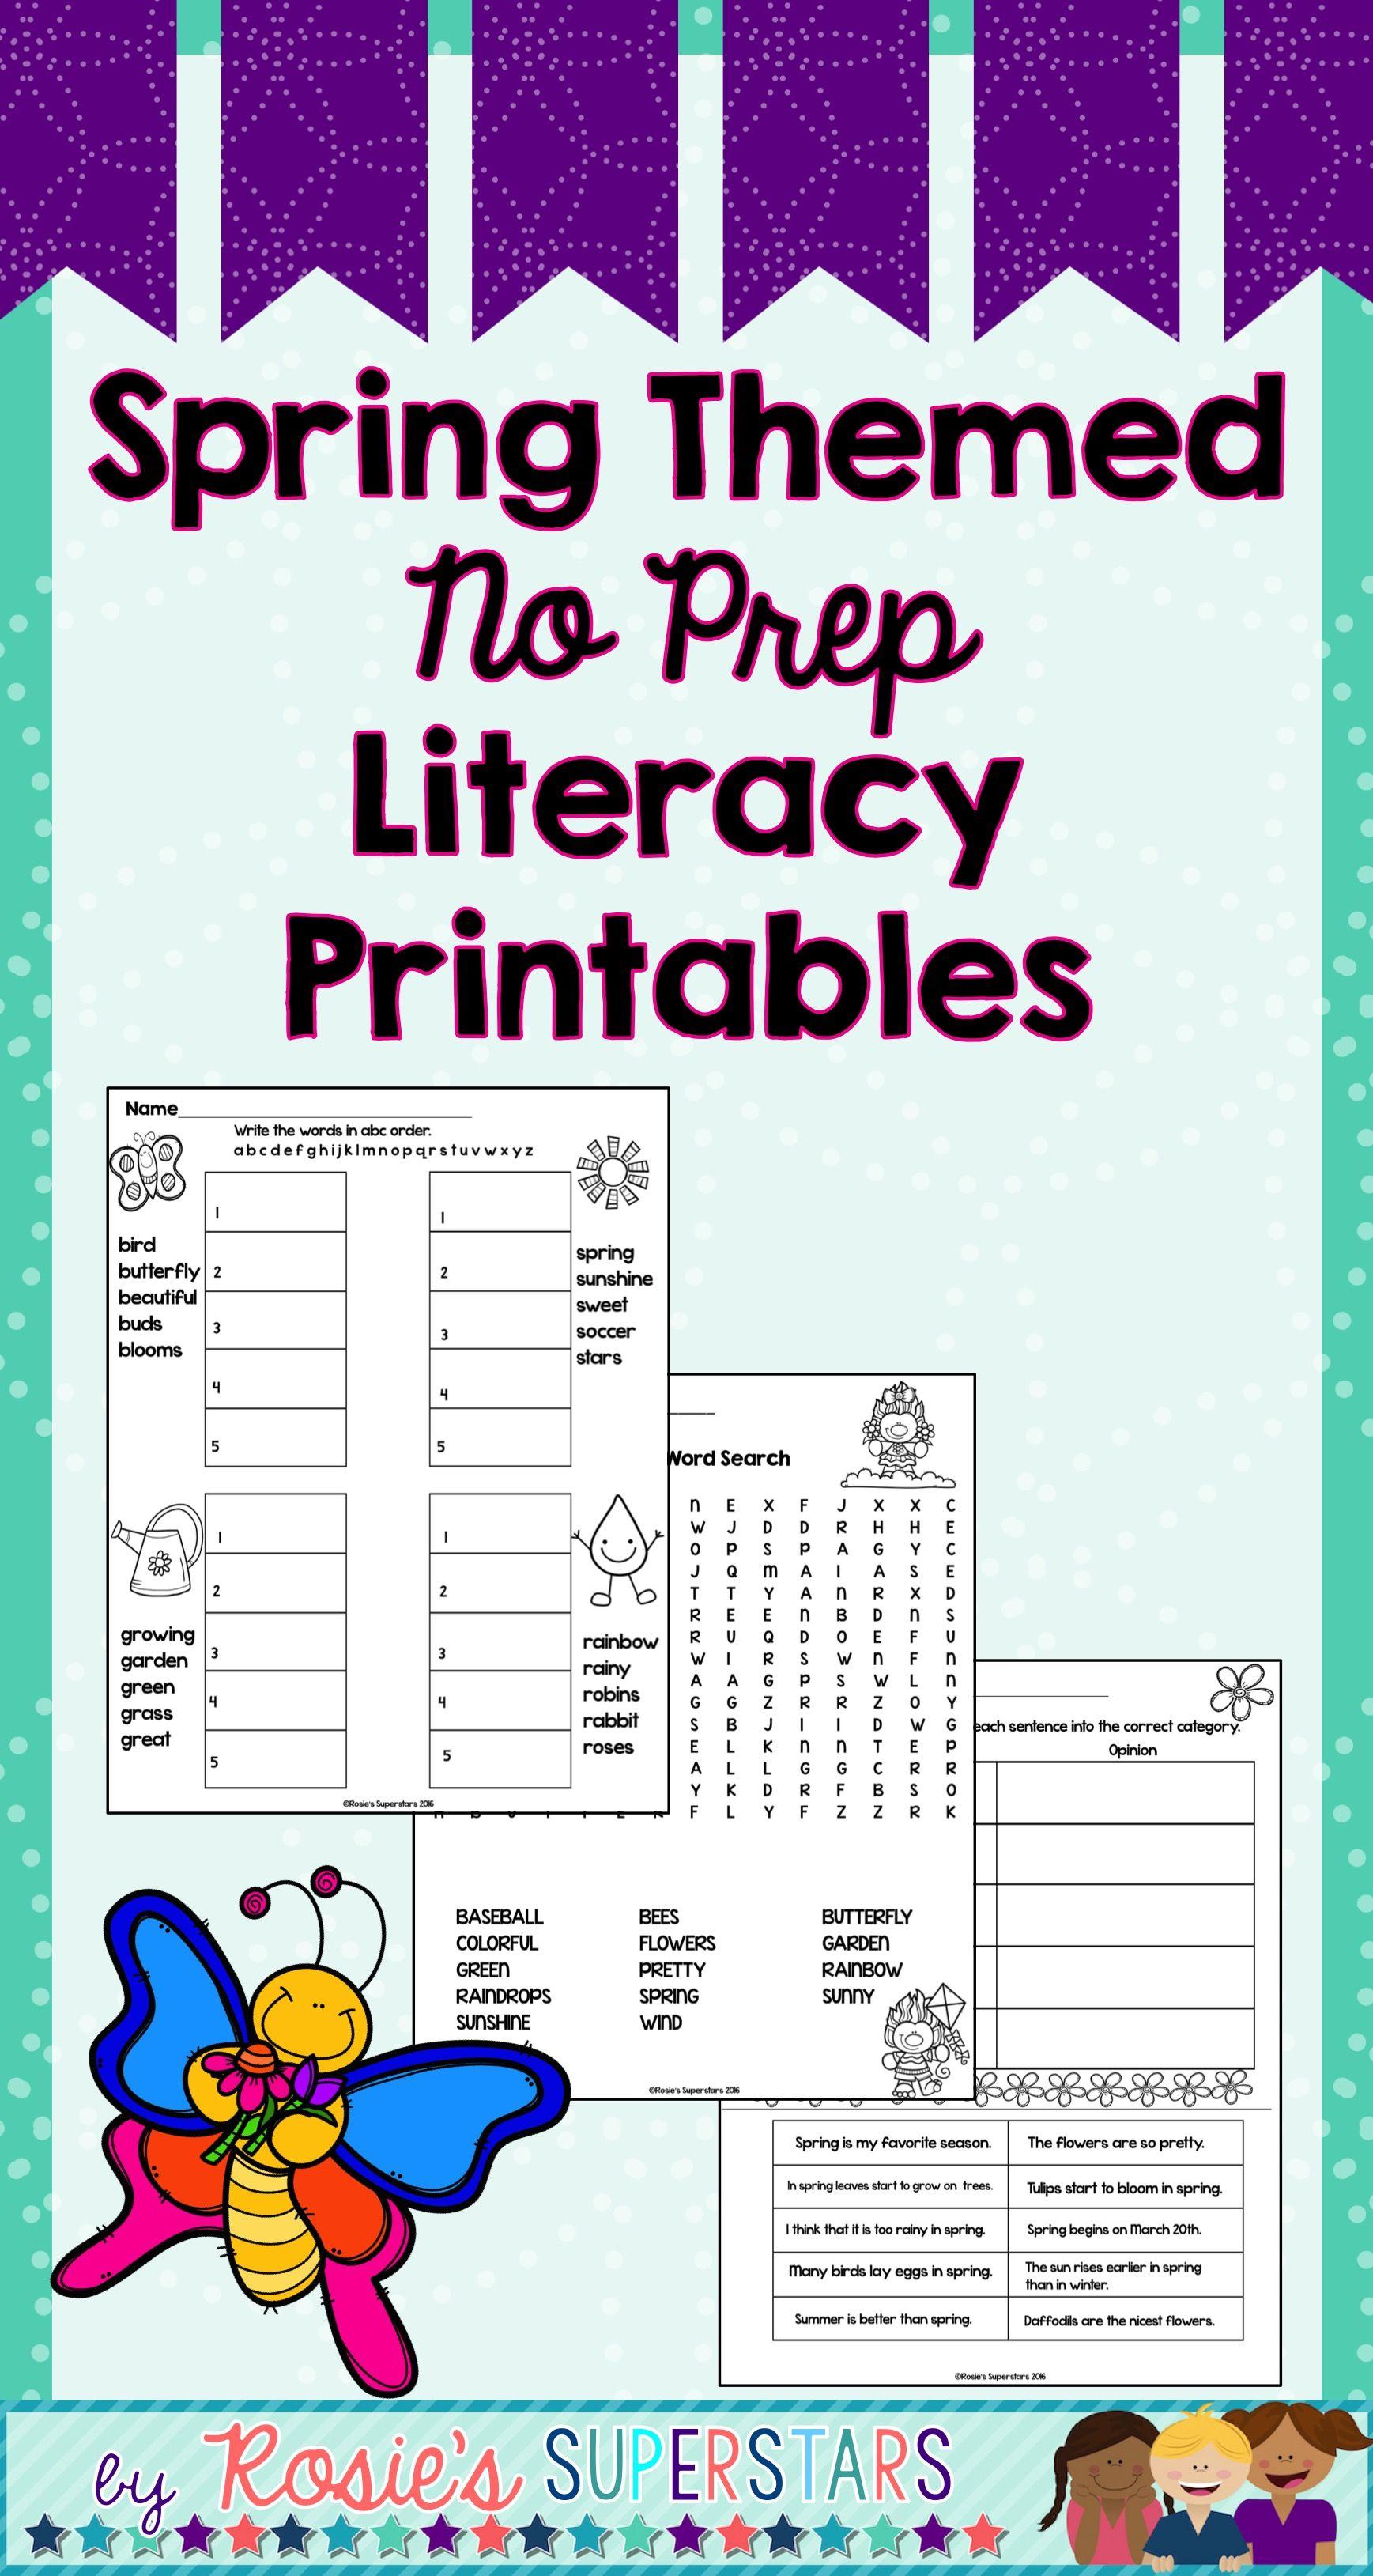 Spring Themed Literacy No Prep Printables